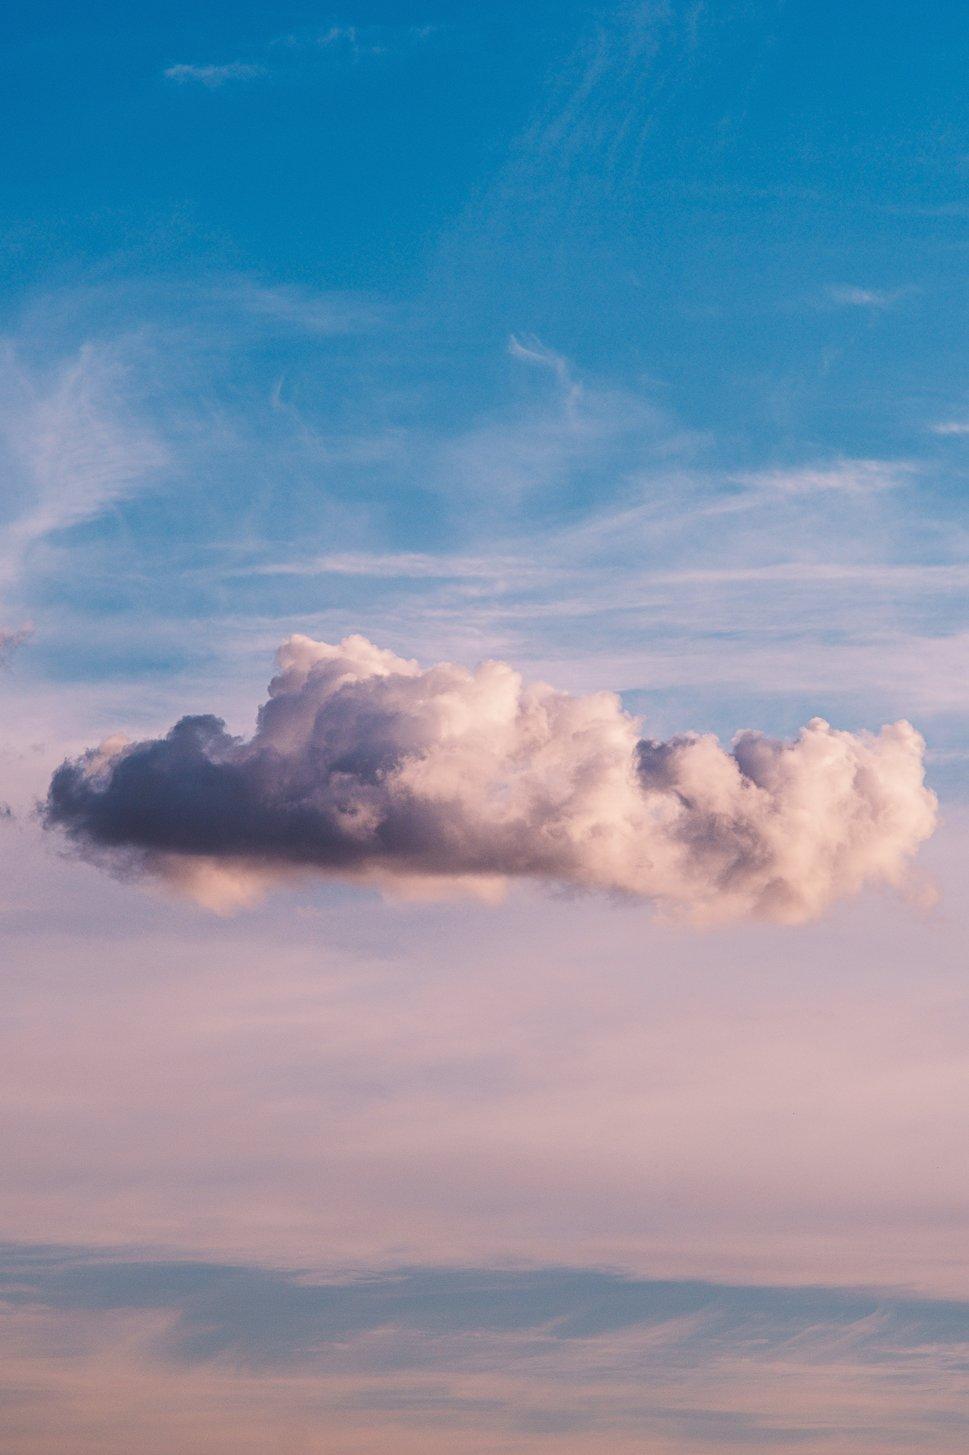 giấc mơ sống động đám mây